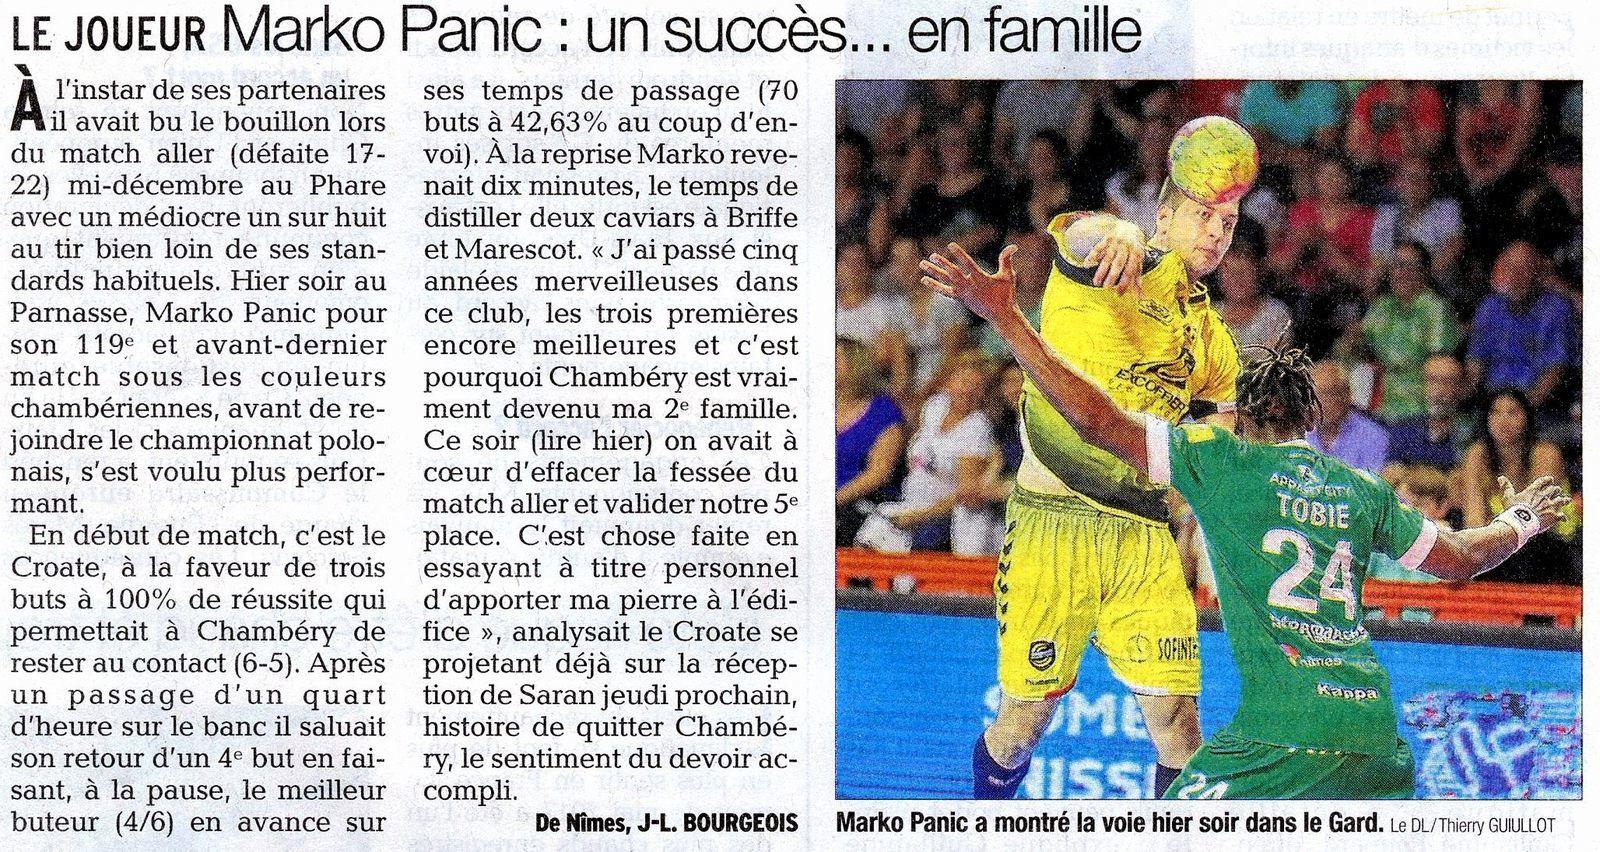 Pour Marko Panic la victoire contre Nîmes...un succès.. en famille